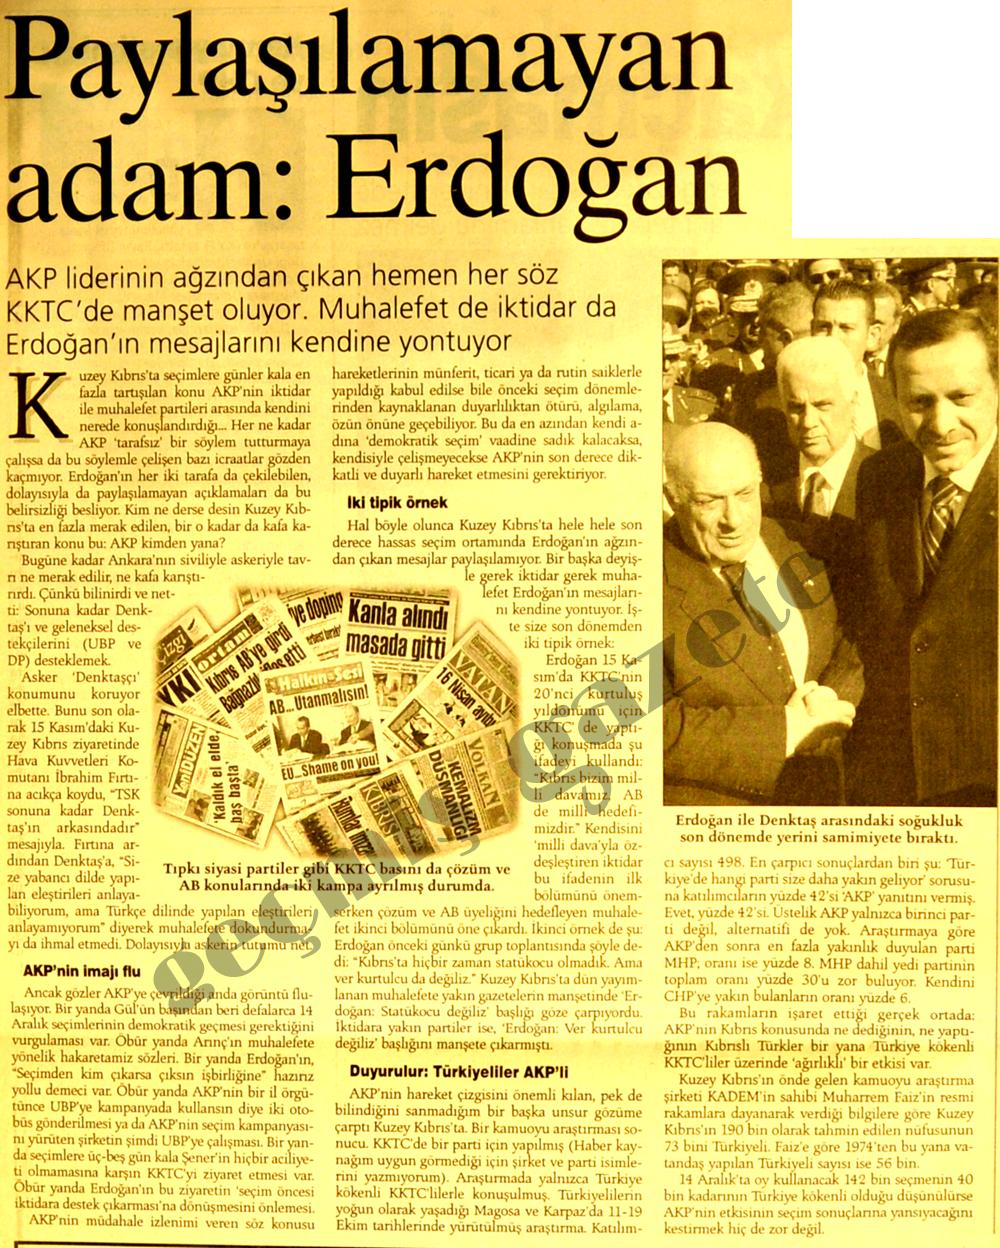 Paylaşılamayan adam: Erdoğan